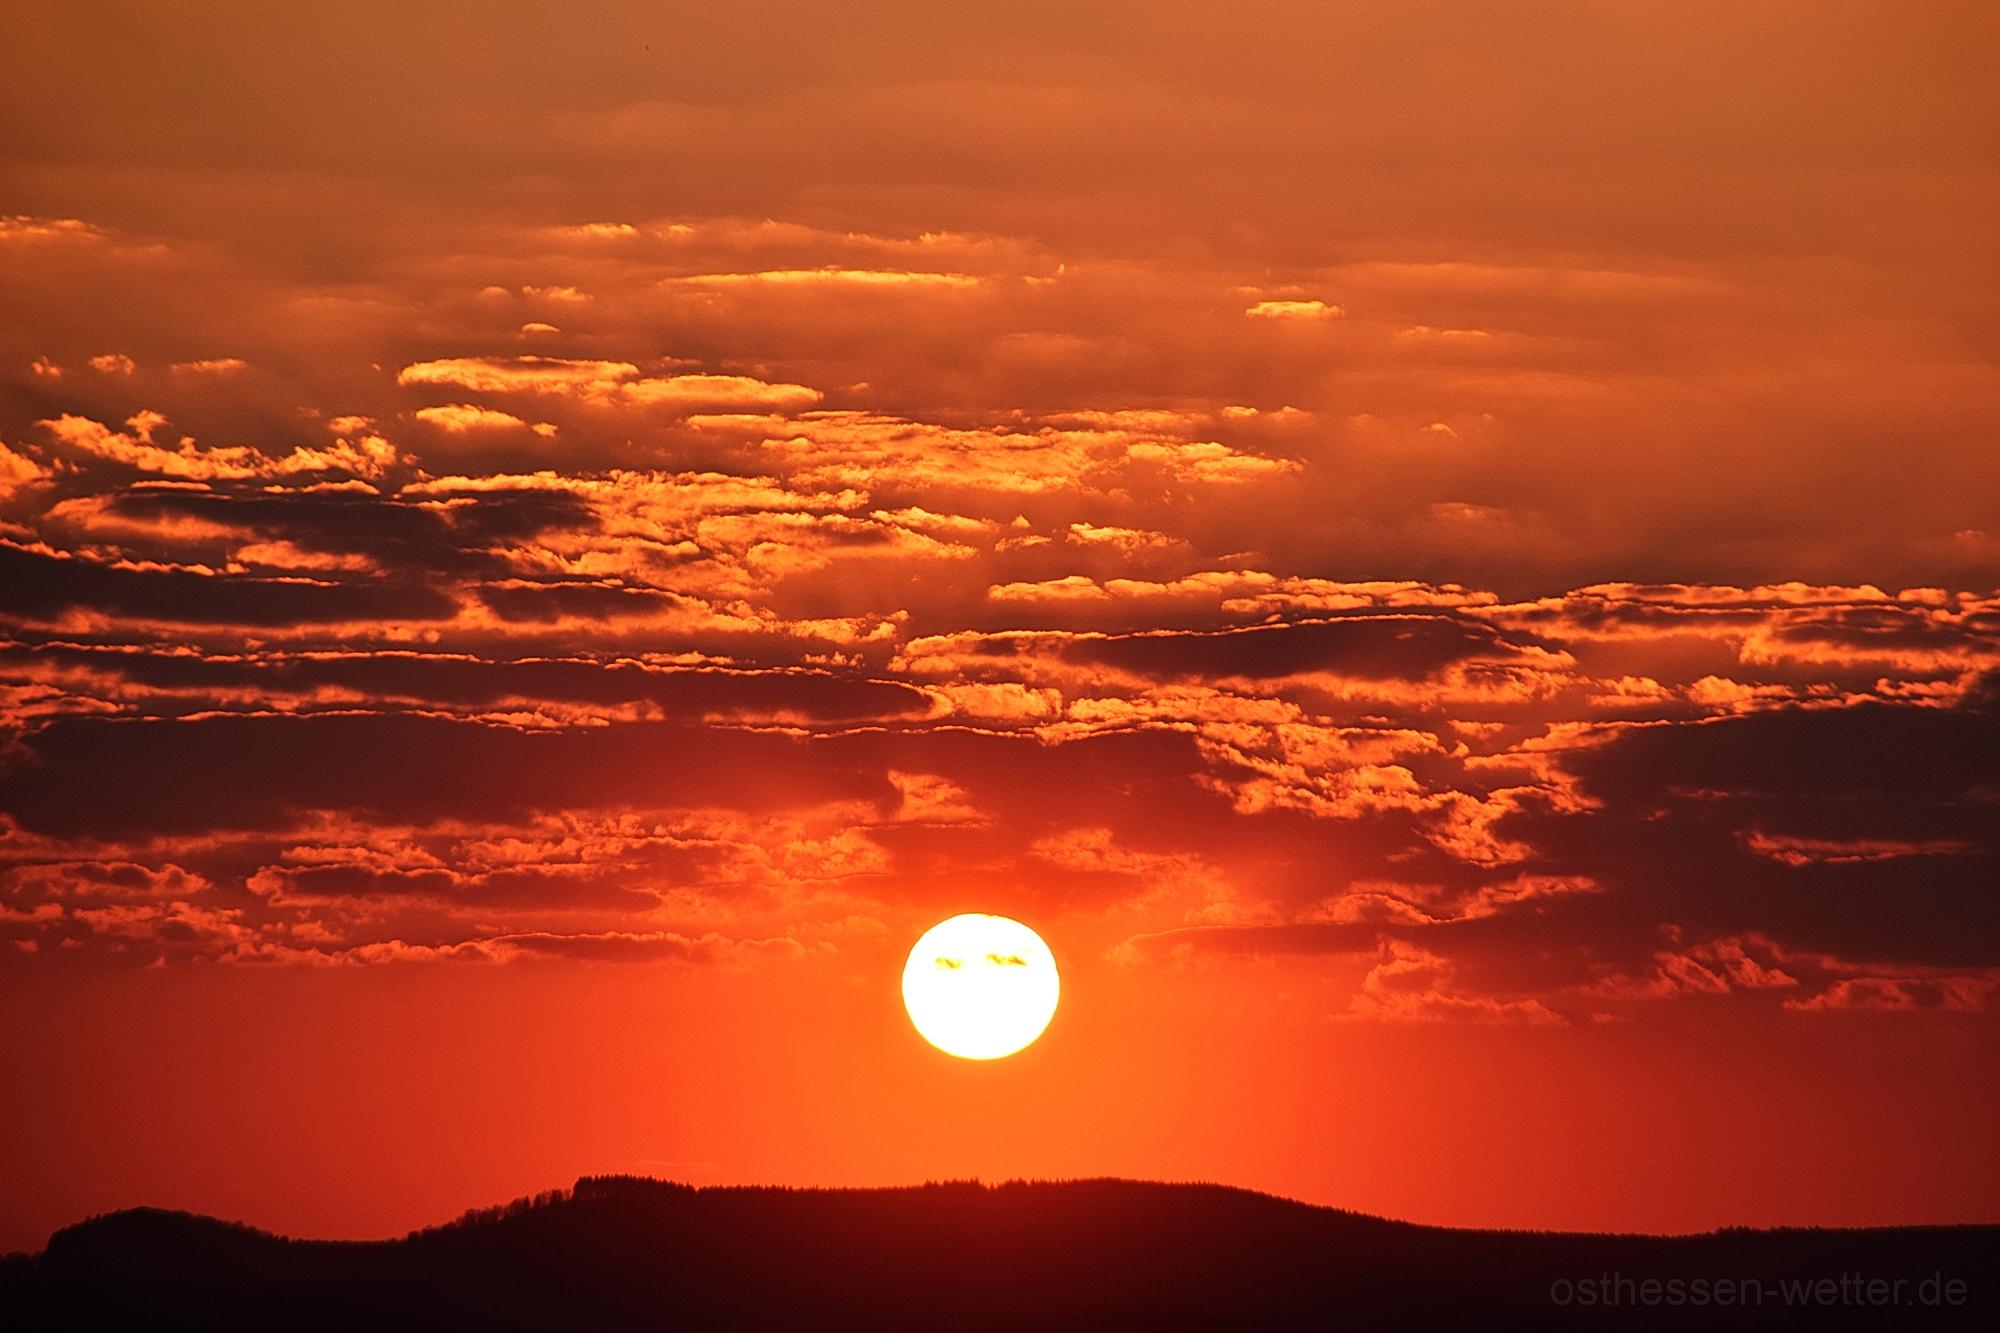 Sonnenaufgang am 09.04.2020 um 06:53:48 CEST